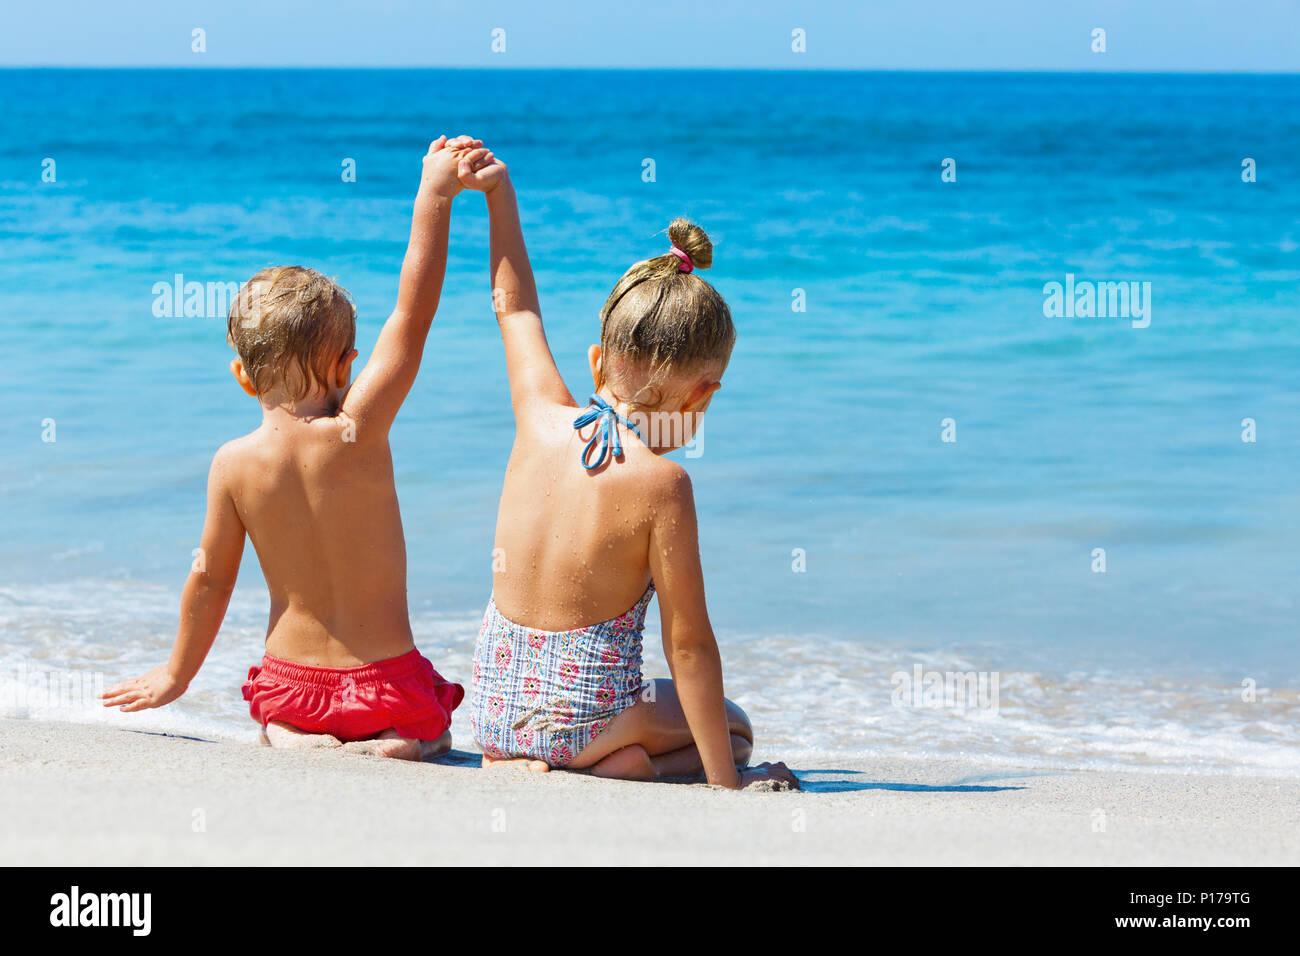 Felici i bambini si divertono in mare surf sulla spiaggia di sabbia. I bambini seduti in piscina di acqua con le mani. Lo stile di vita di viaggio, nuoto in vacanza con la famiglia Immagini Stock